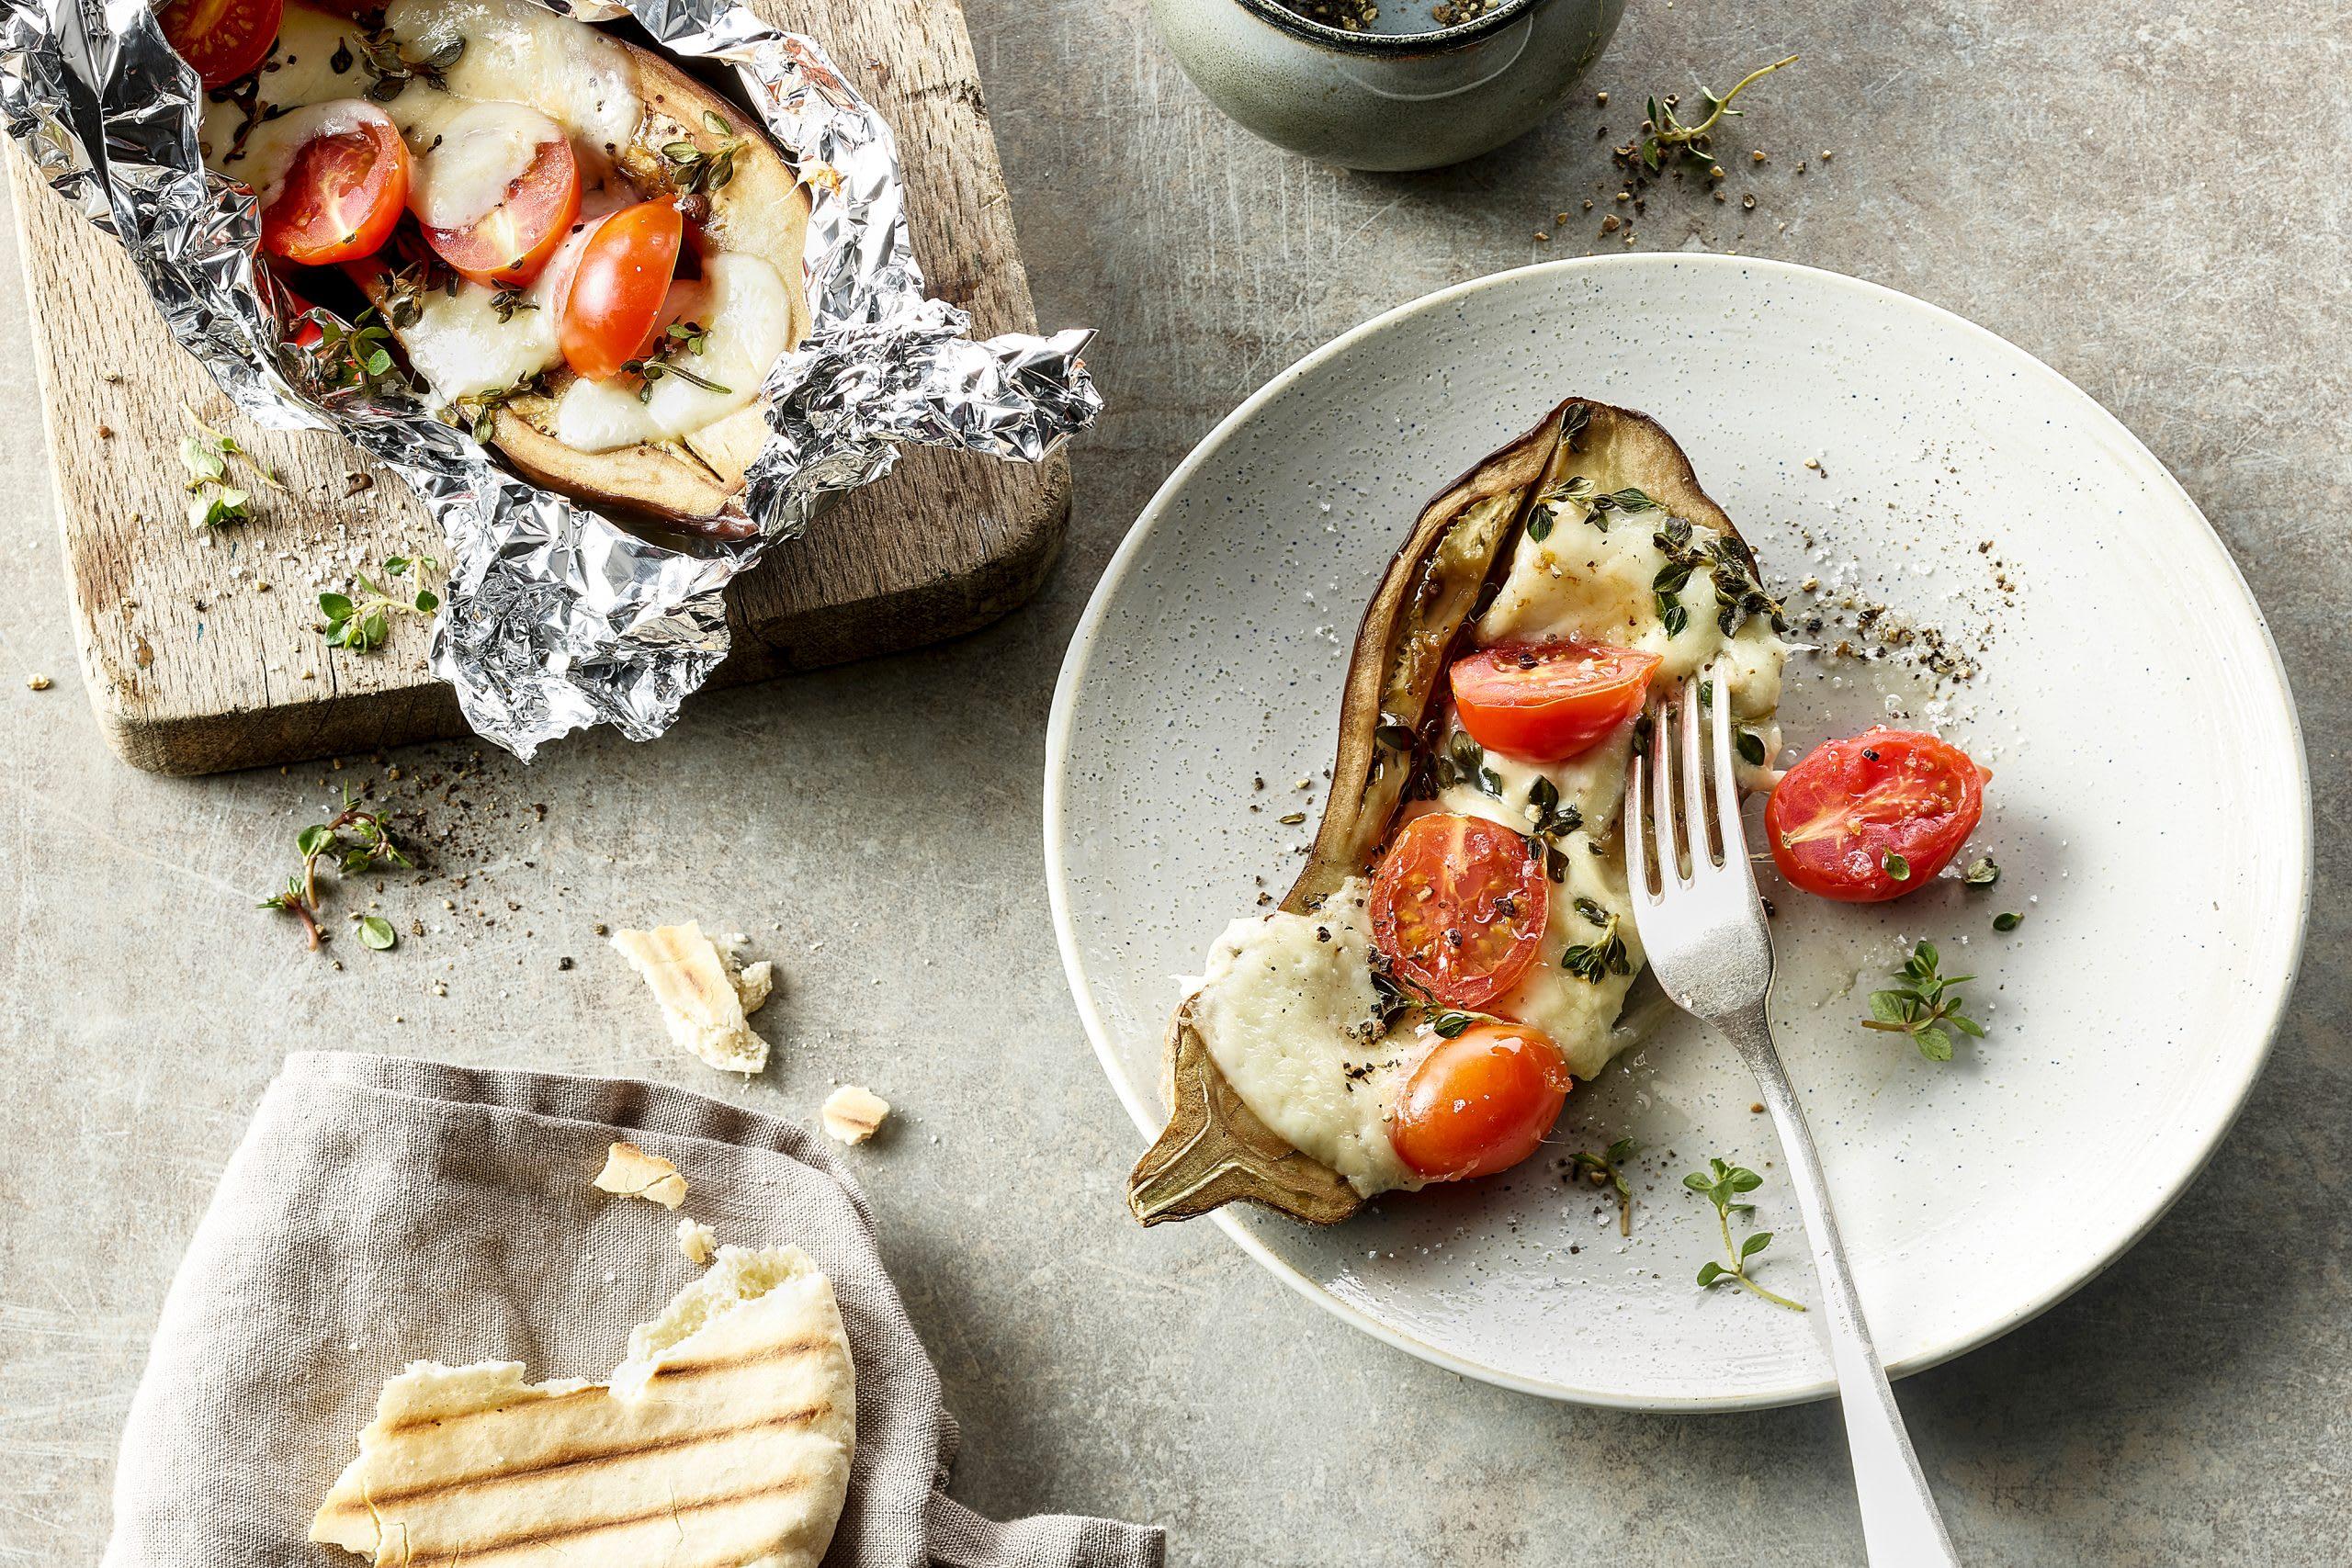 Gefüllte Aubergine mit Tomaten und Mozzarella vom Grill